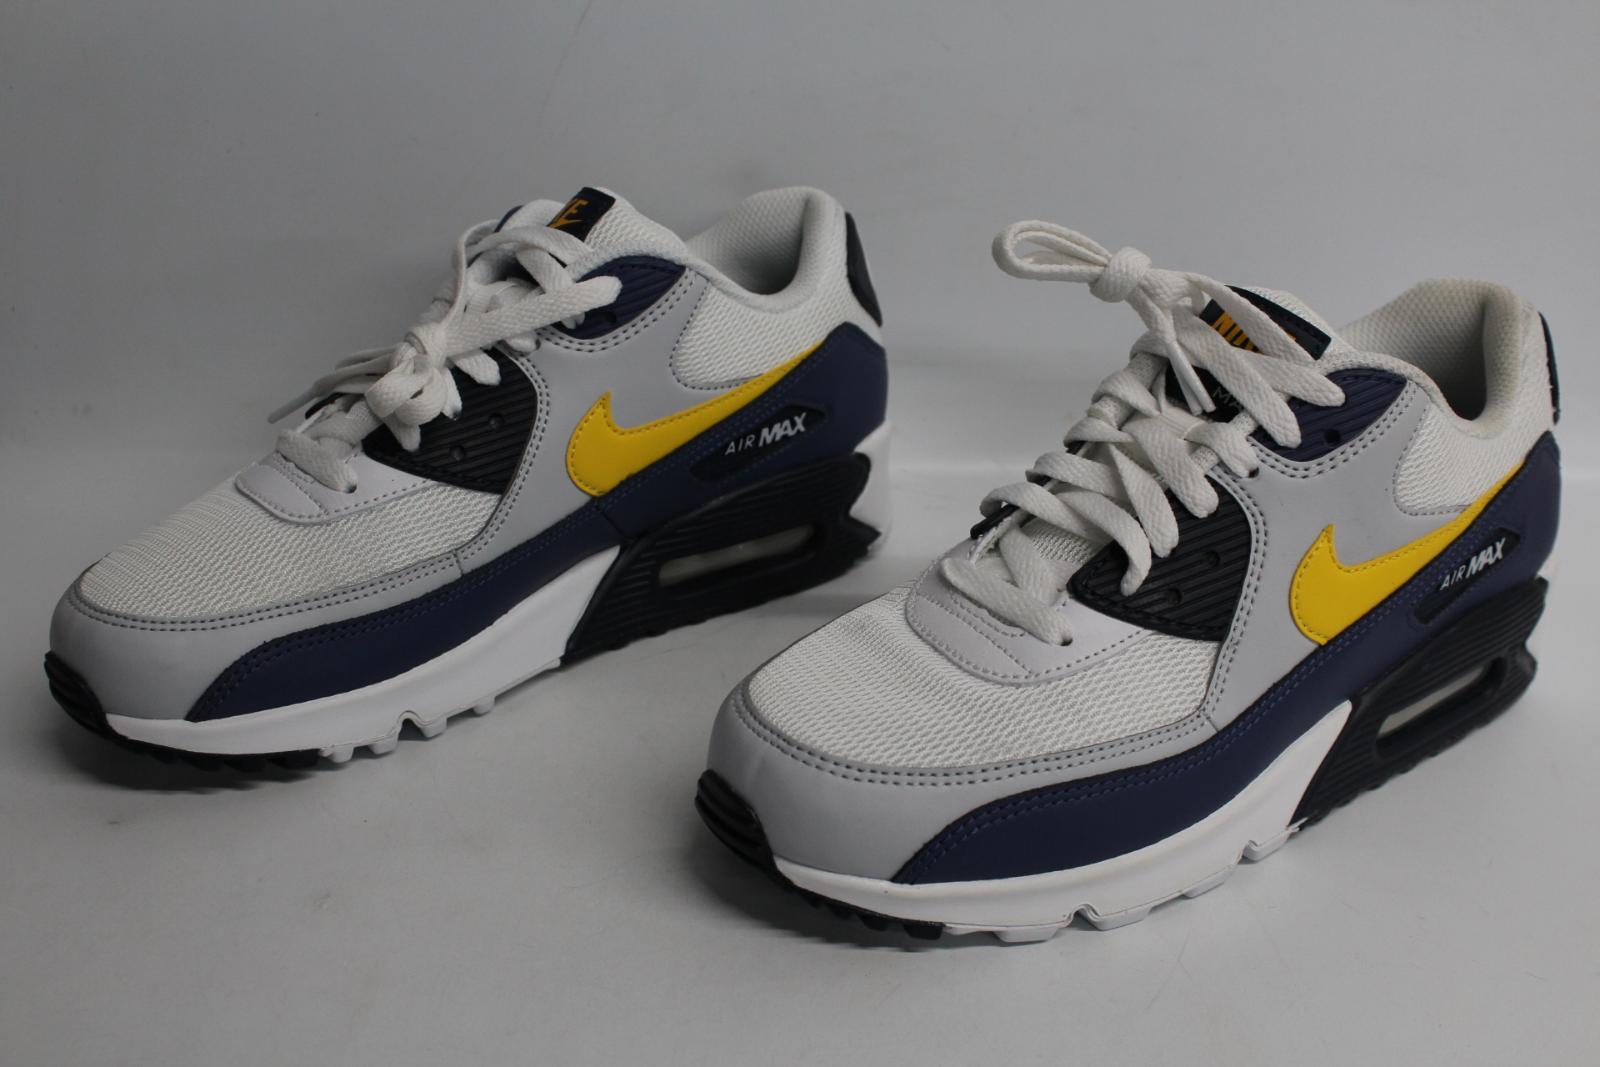 Nike-Men-039-S-Navy-Blu-Giallo-amp-Bianco-AIR-MAX-90-Essential-Scarpe-da-ginnastica-EU41-UK7-NUOVO miniatura 5